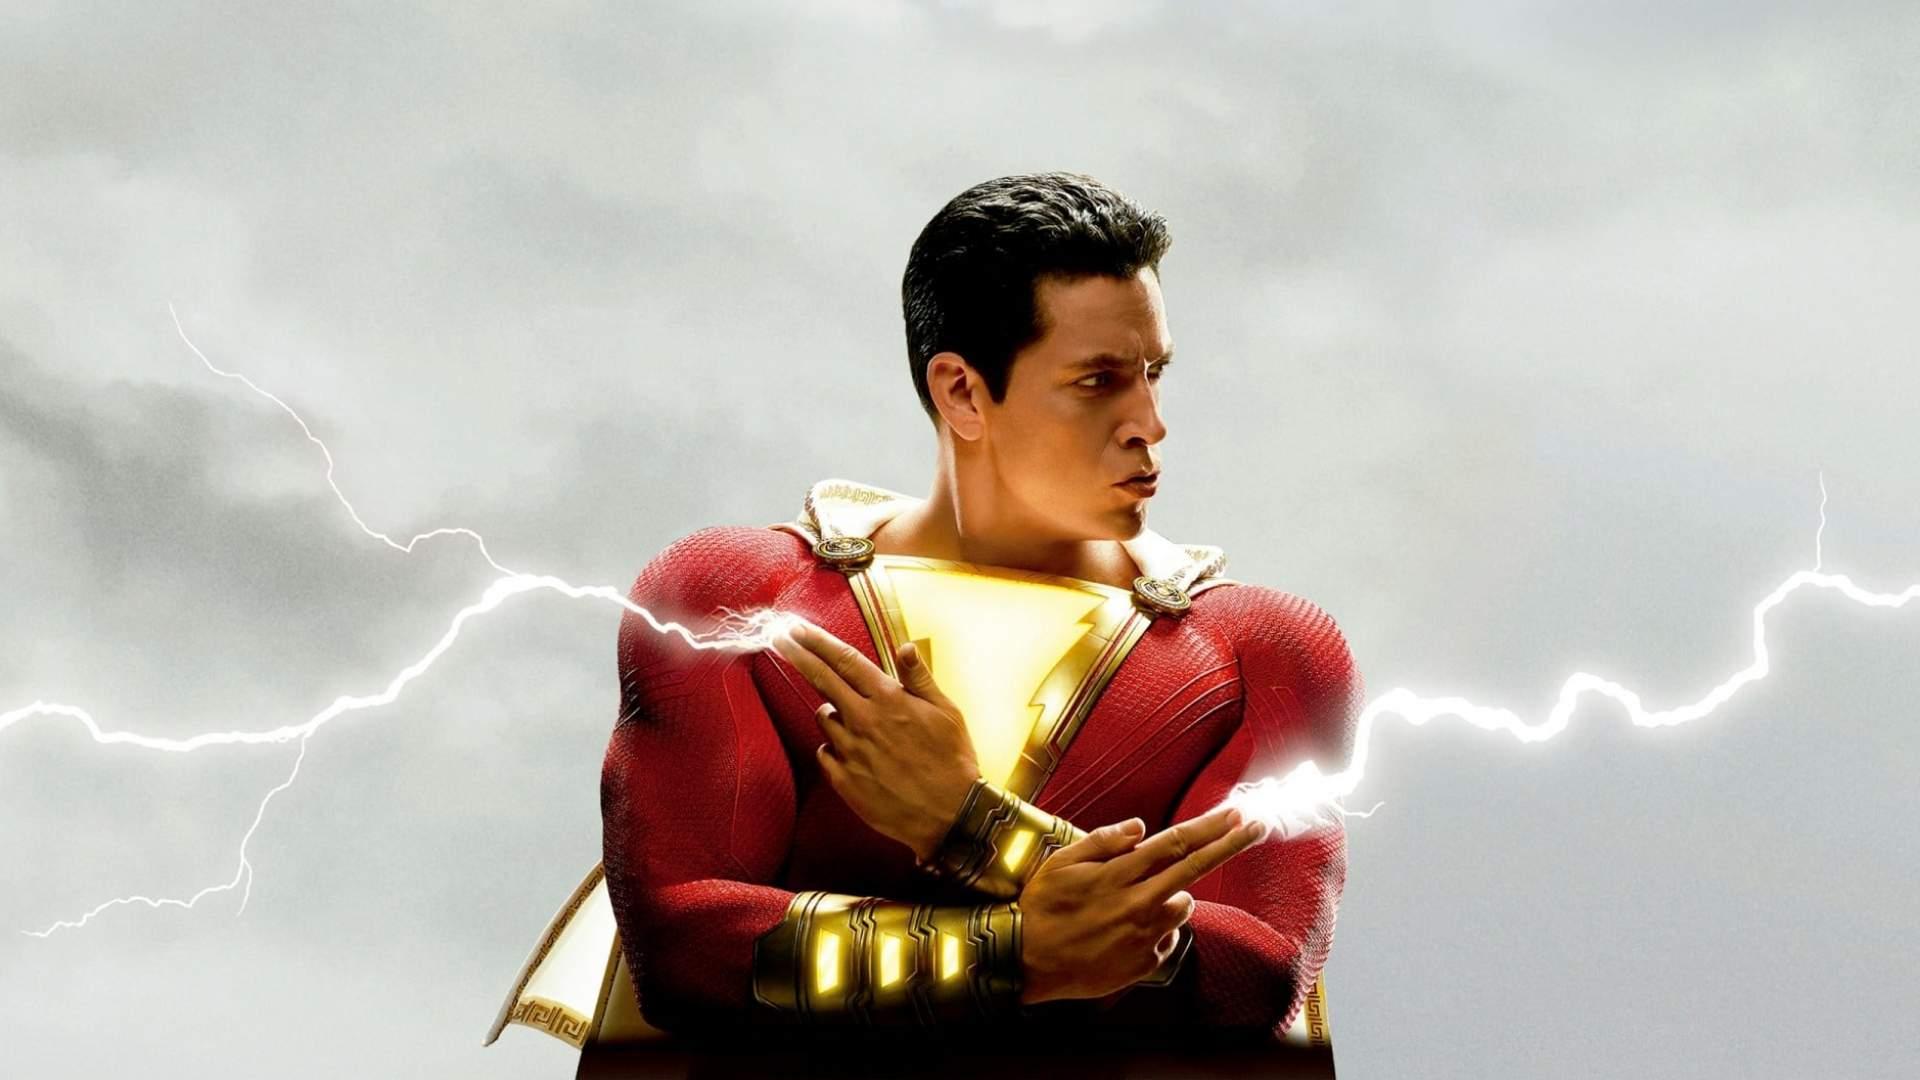 SHAZAM 2: Regisseur gibt Update zum Kinostart der Superhelden-Fortsetzung